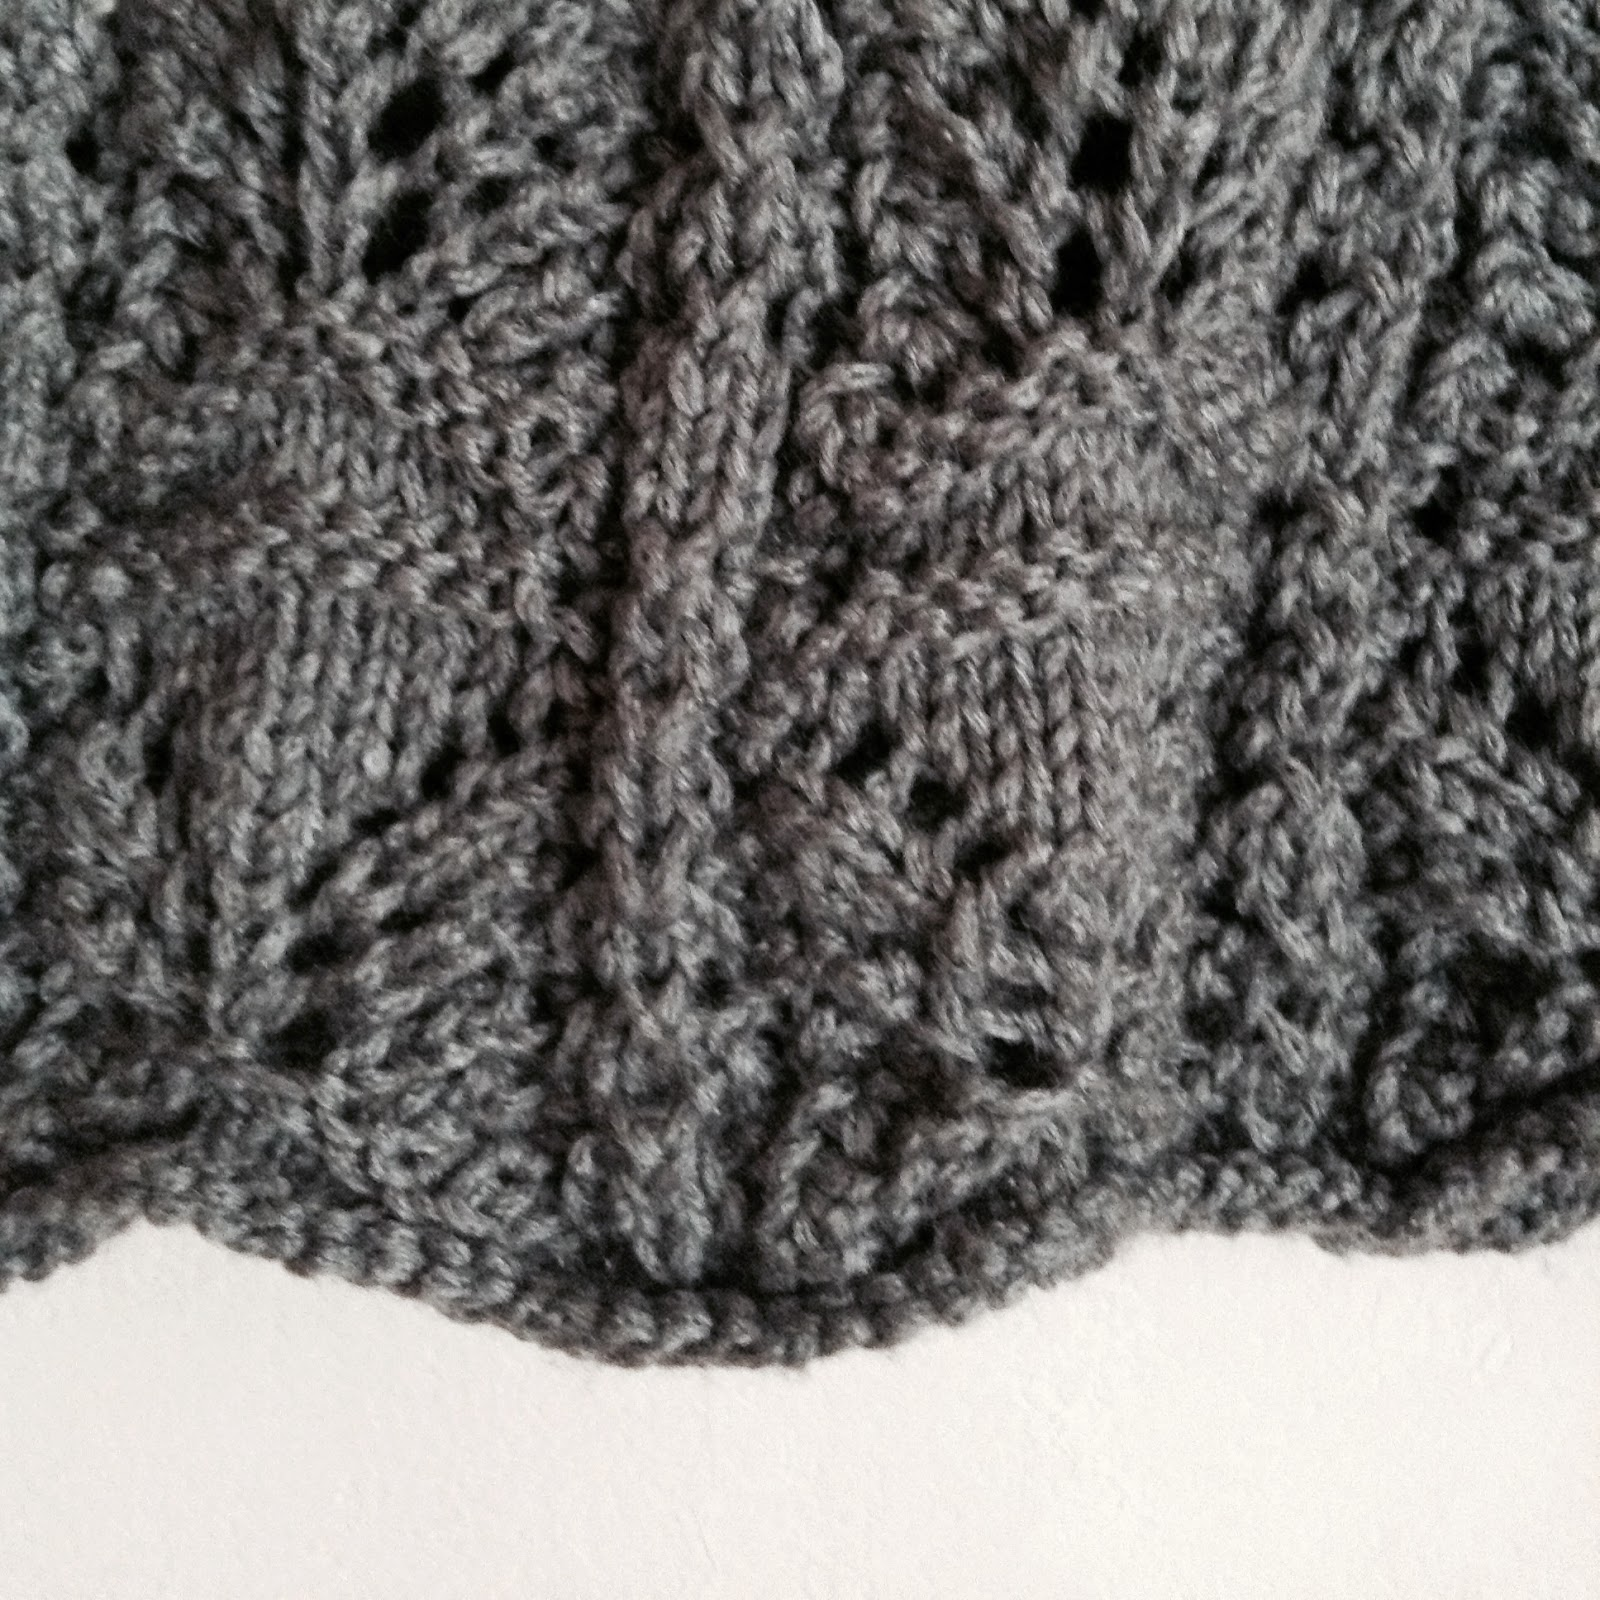 détail tricot tunique grise schachenmayr